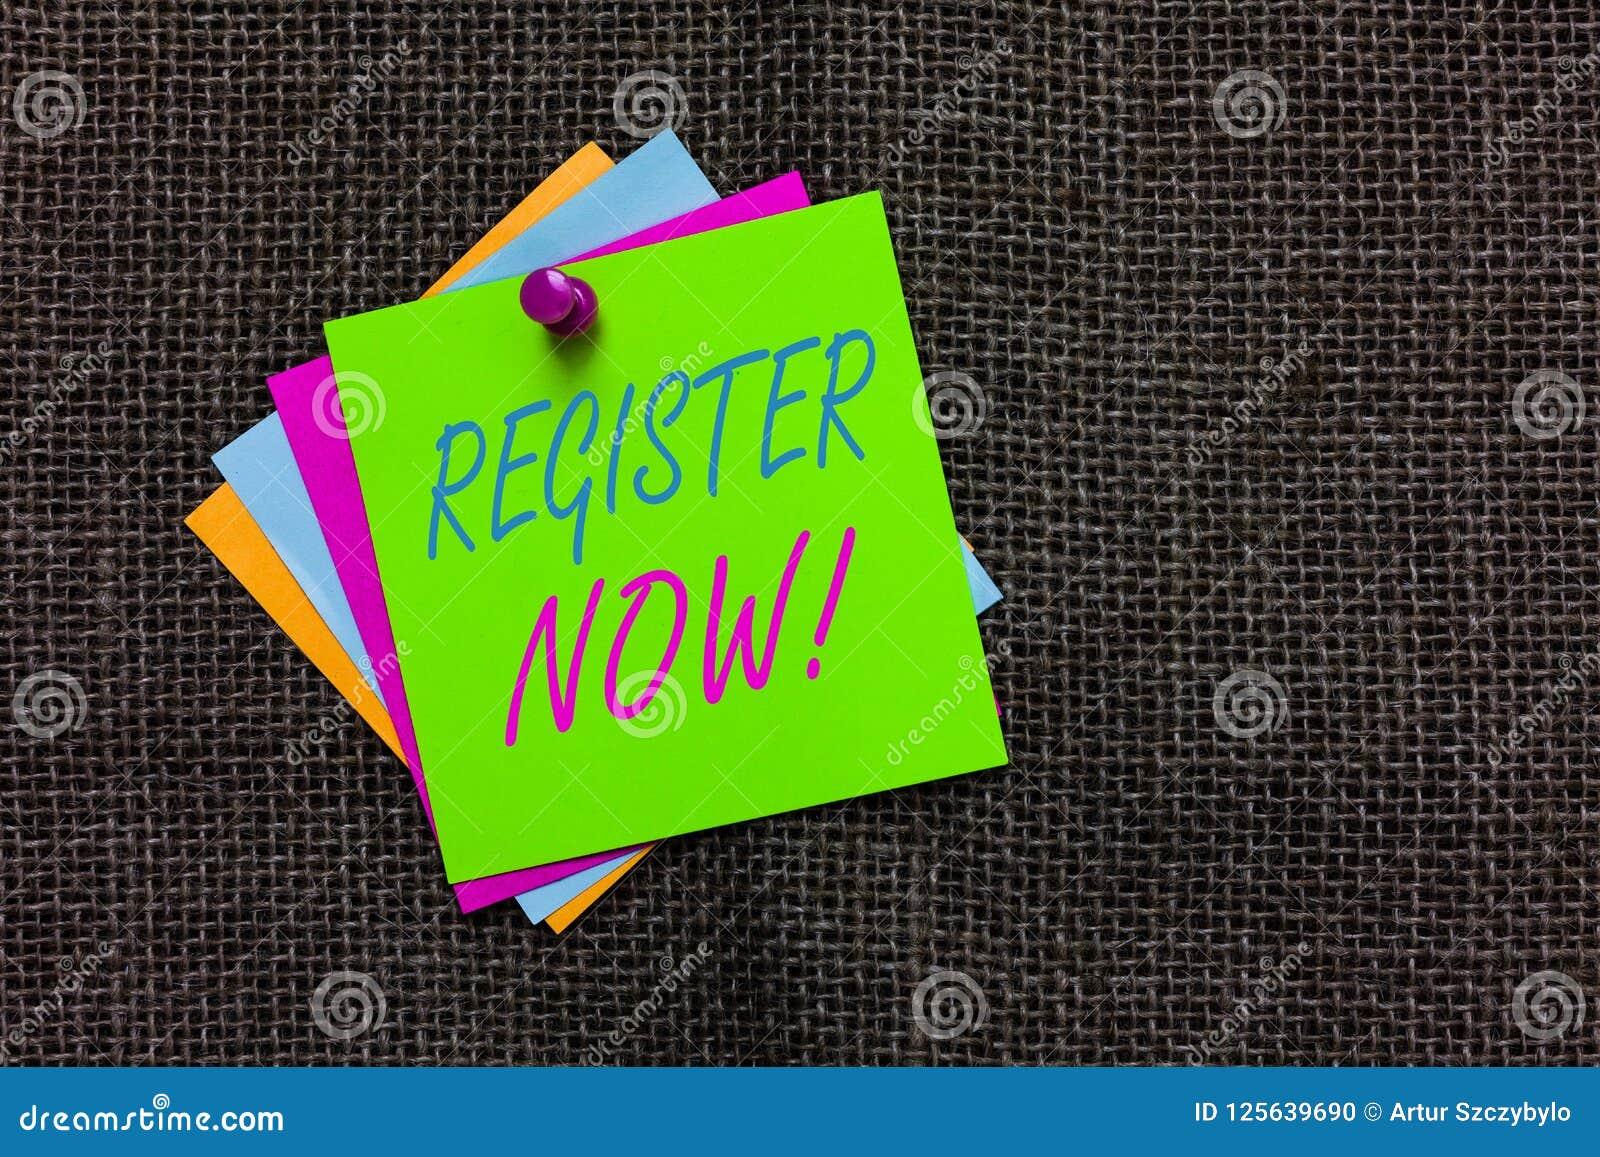 Registro do texto da escrita da palavra agora O conceito do negócio para o nome em uma lista oficial recruta para ser um membro a